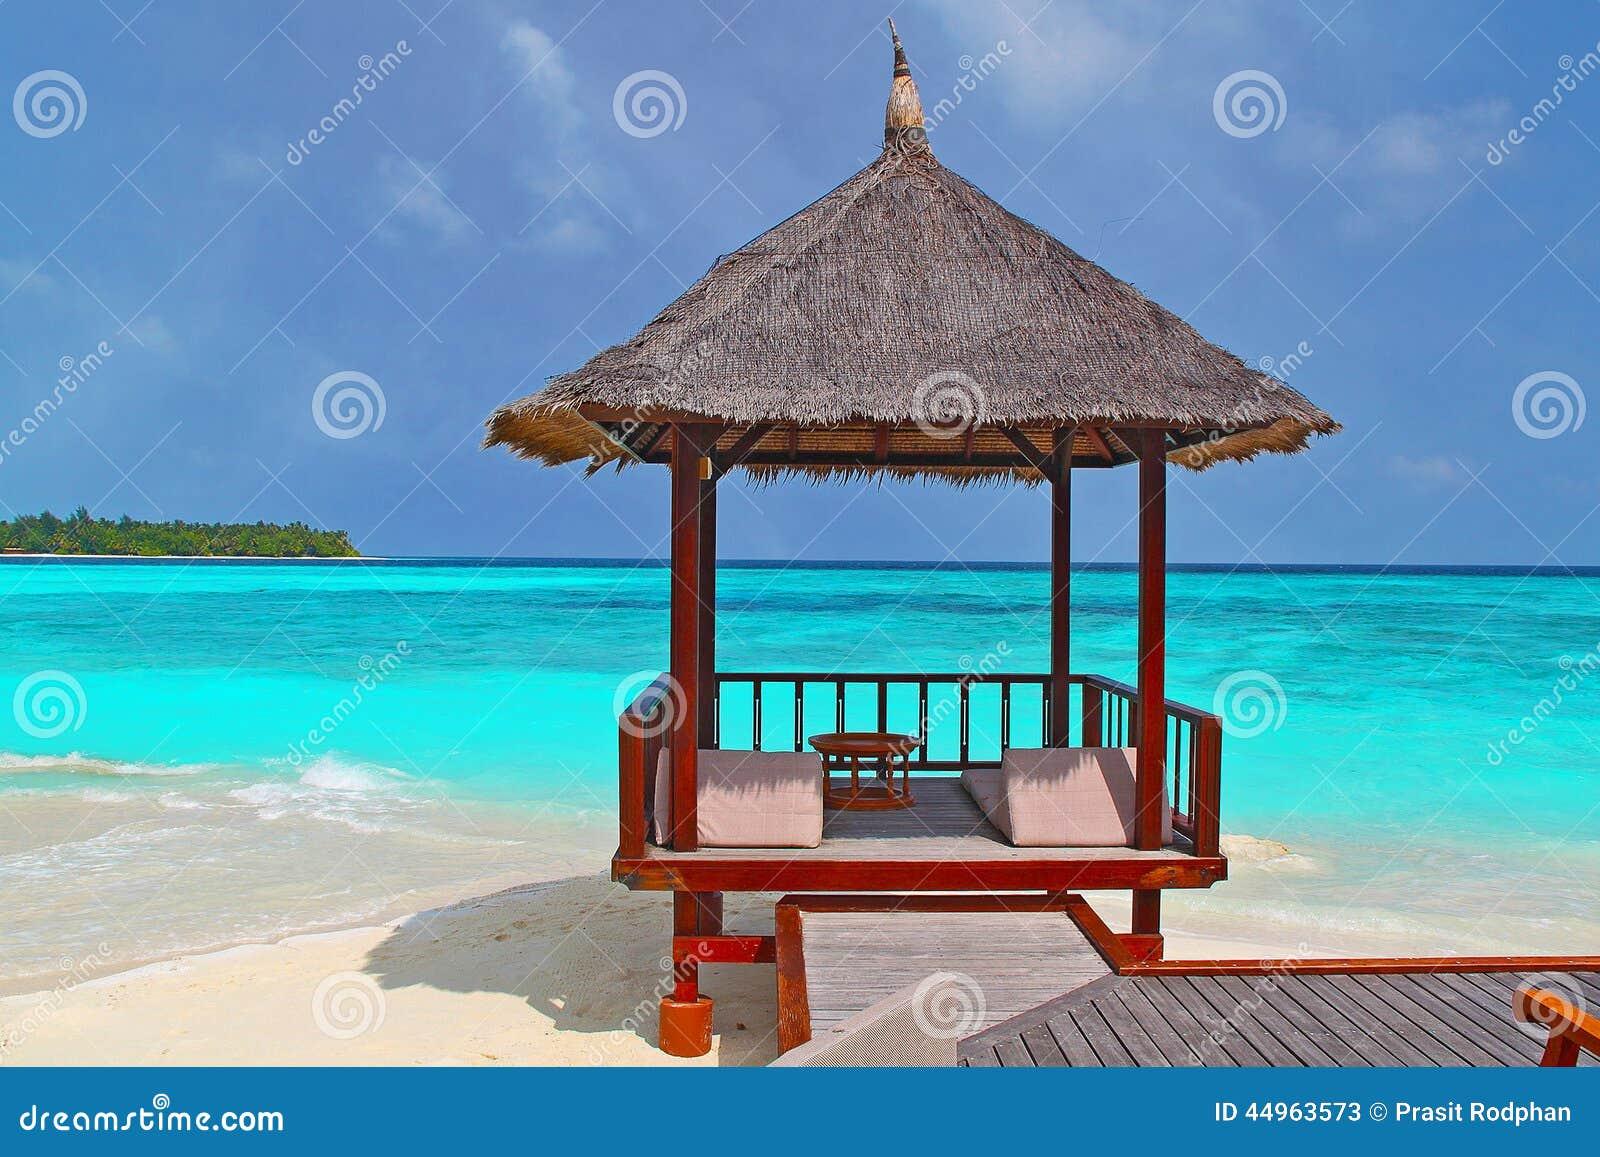 Tropical Beach Huts: A Beach Hut On The Tropical Beach Stock Photo